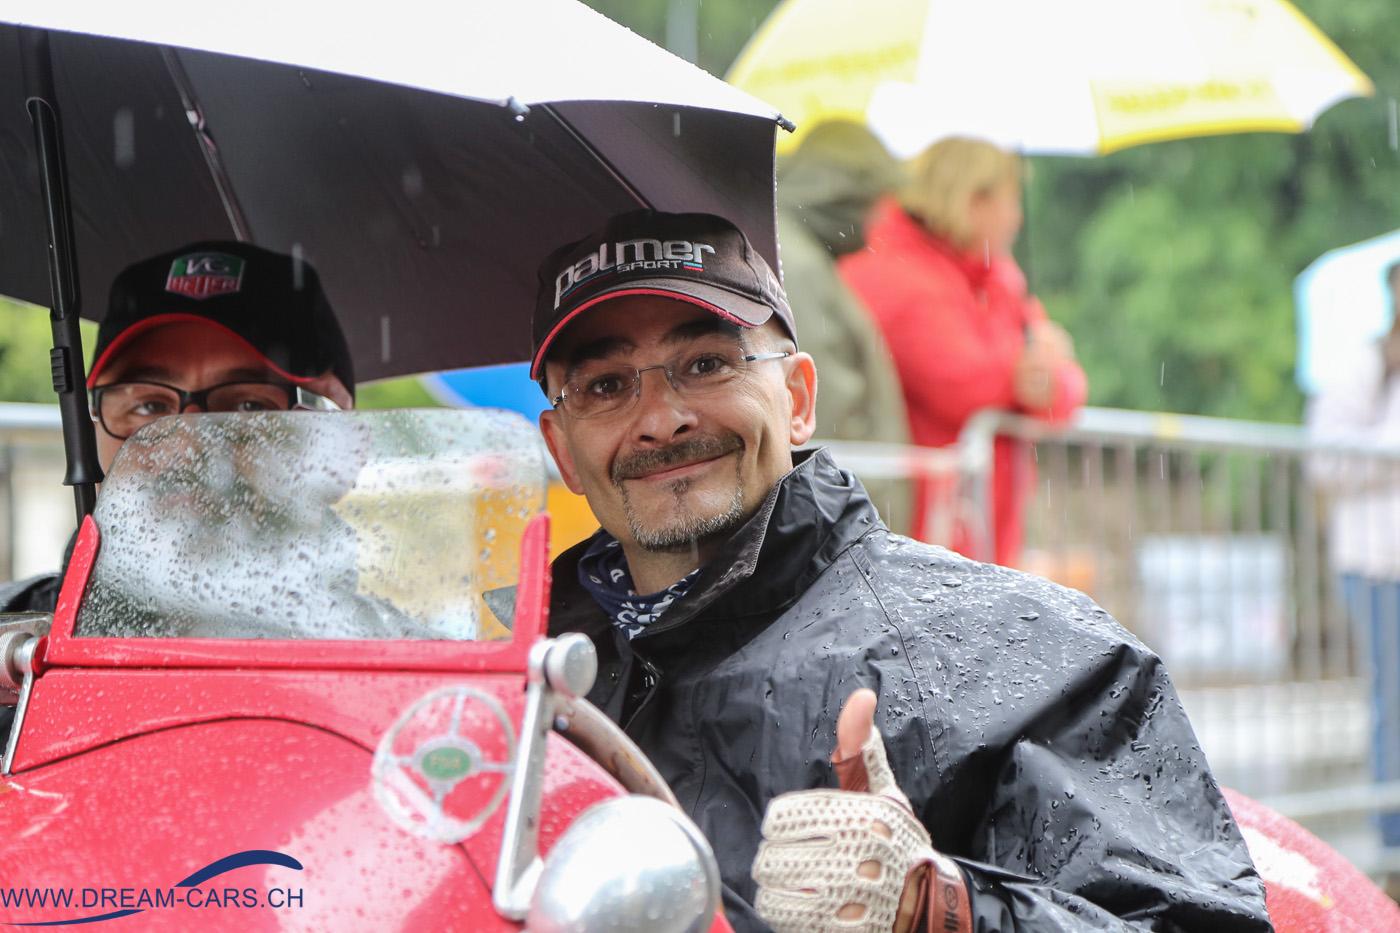 Mille Miglia 2016. Trotz Regen am Start freudige Gesichter